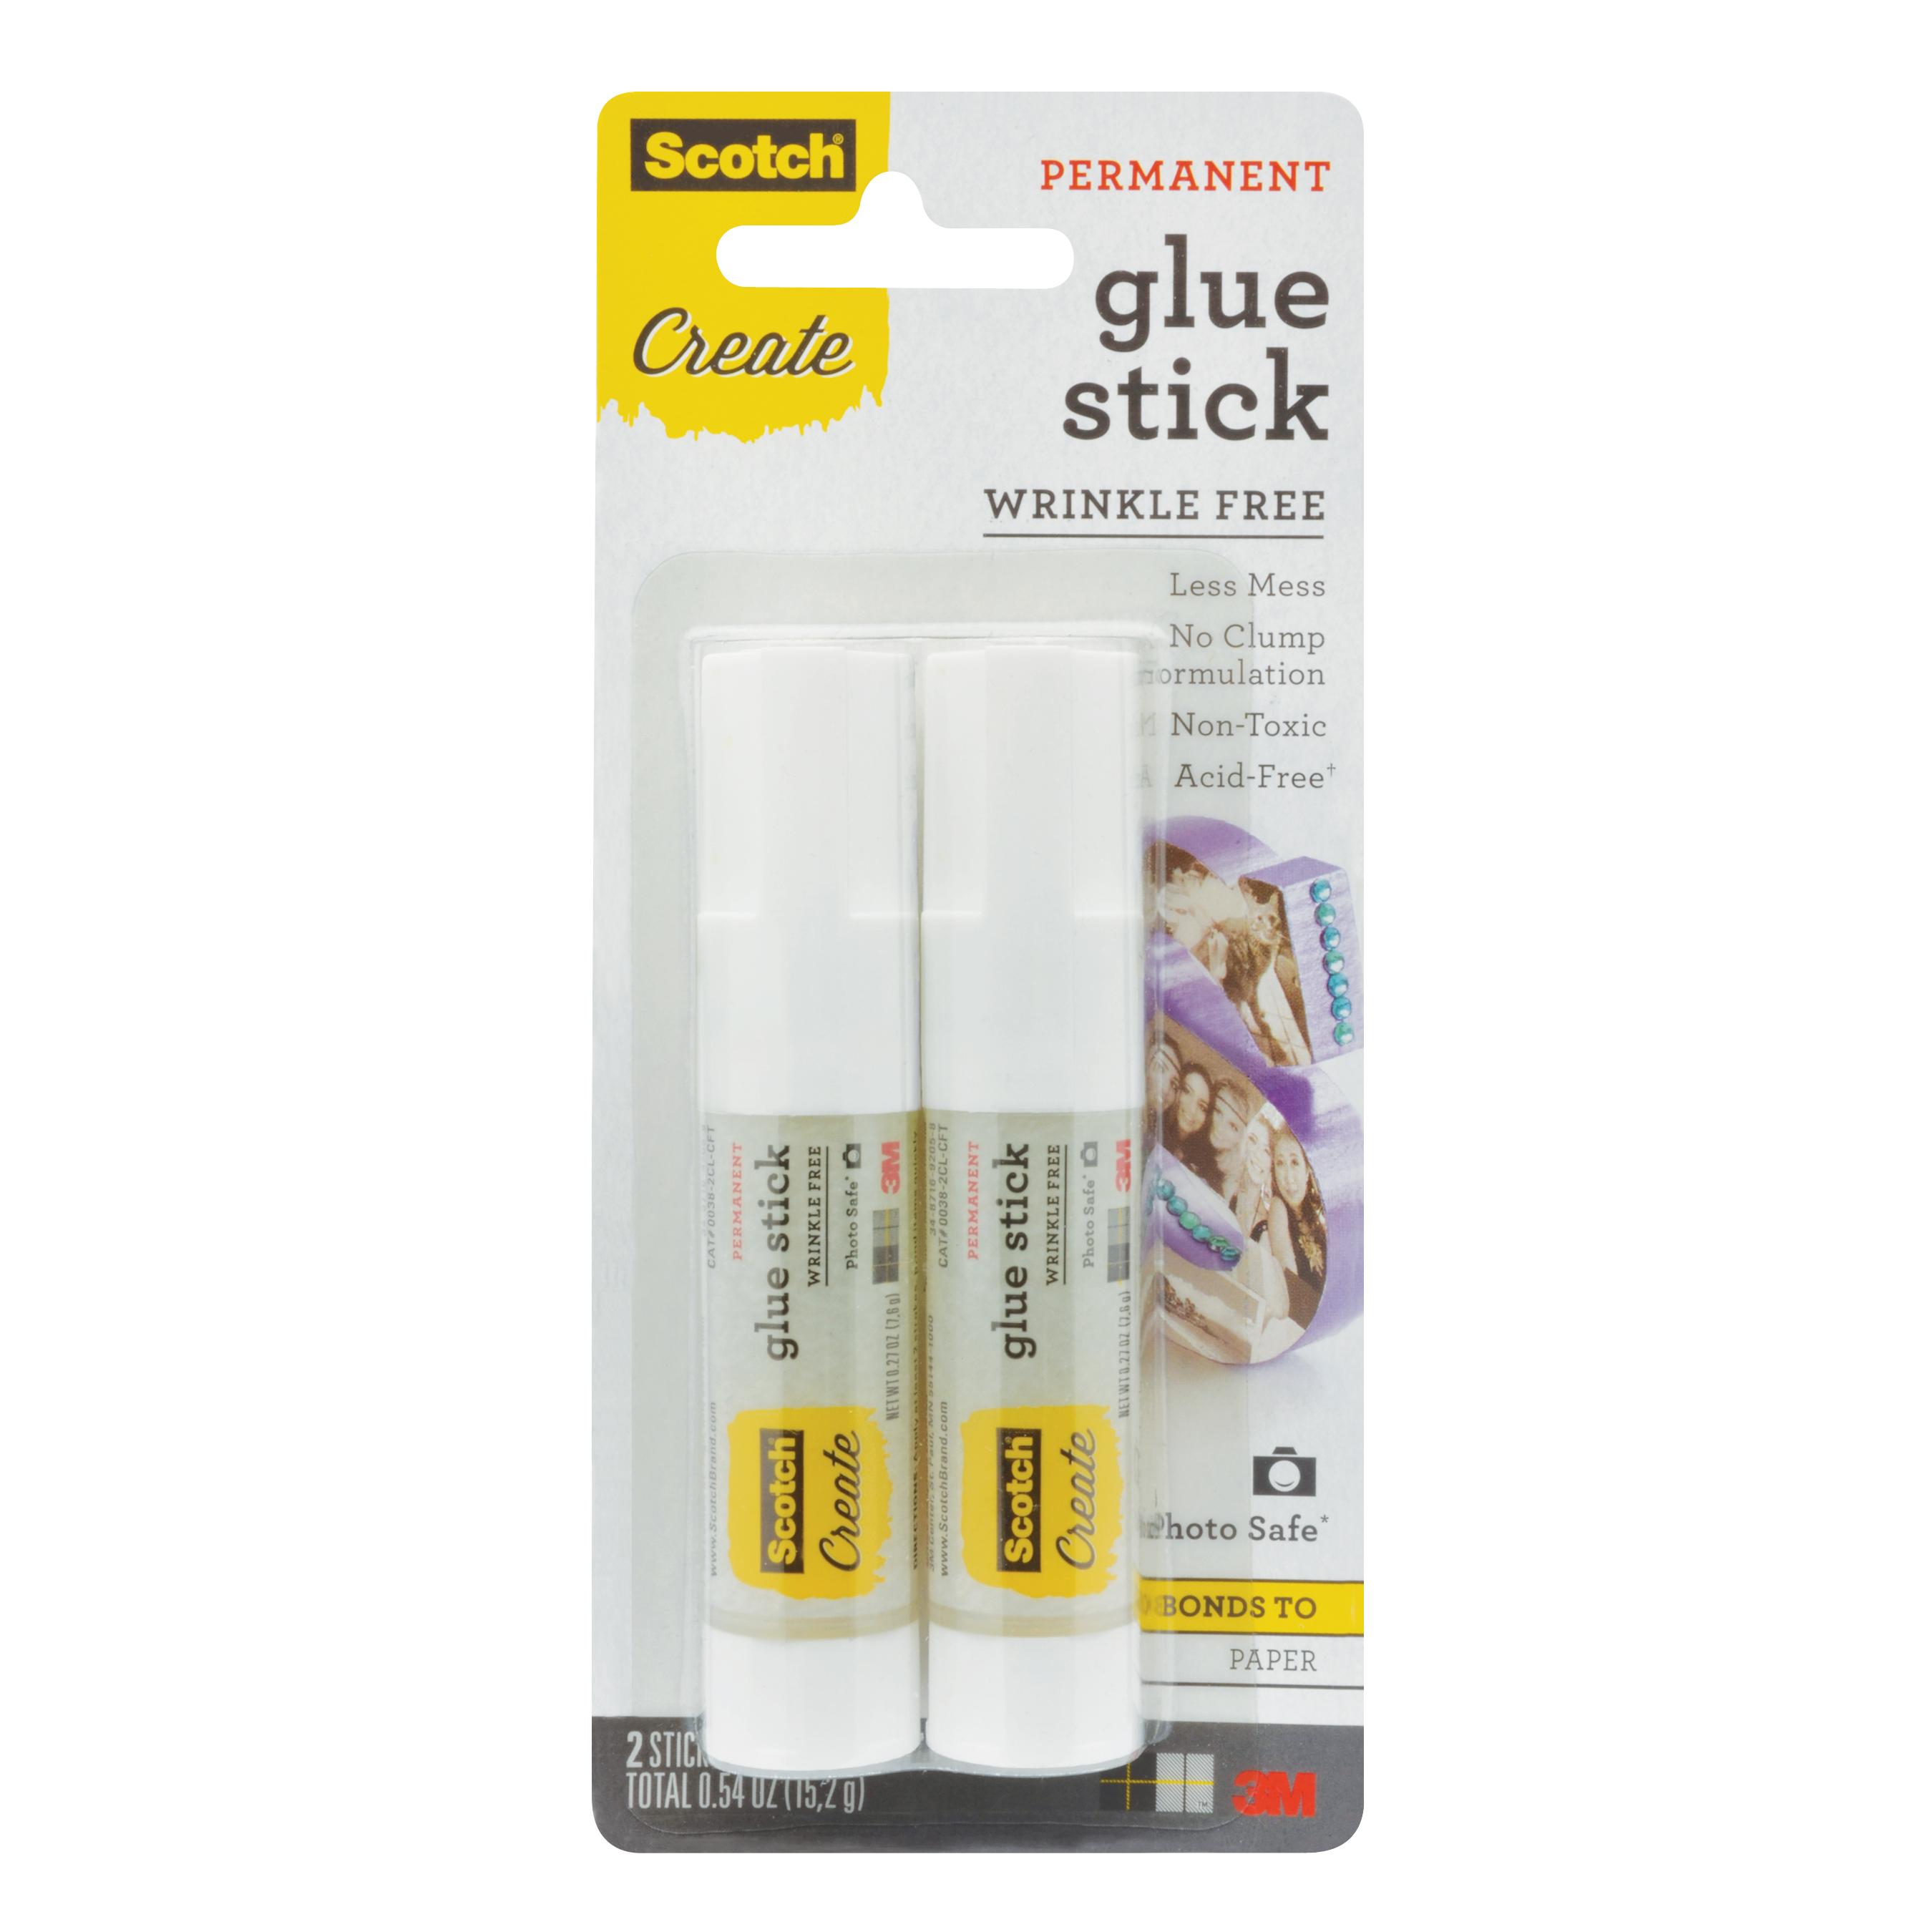 Scotch Glue Stick, 0.27 oz., 2/Pack